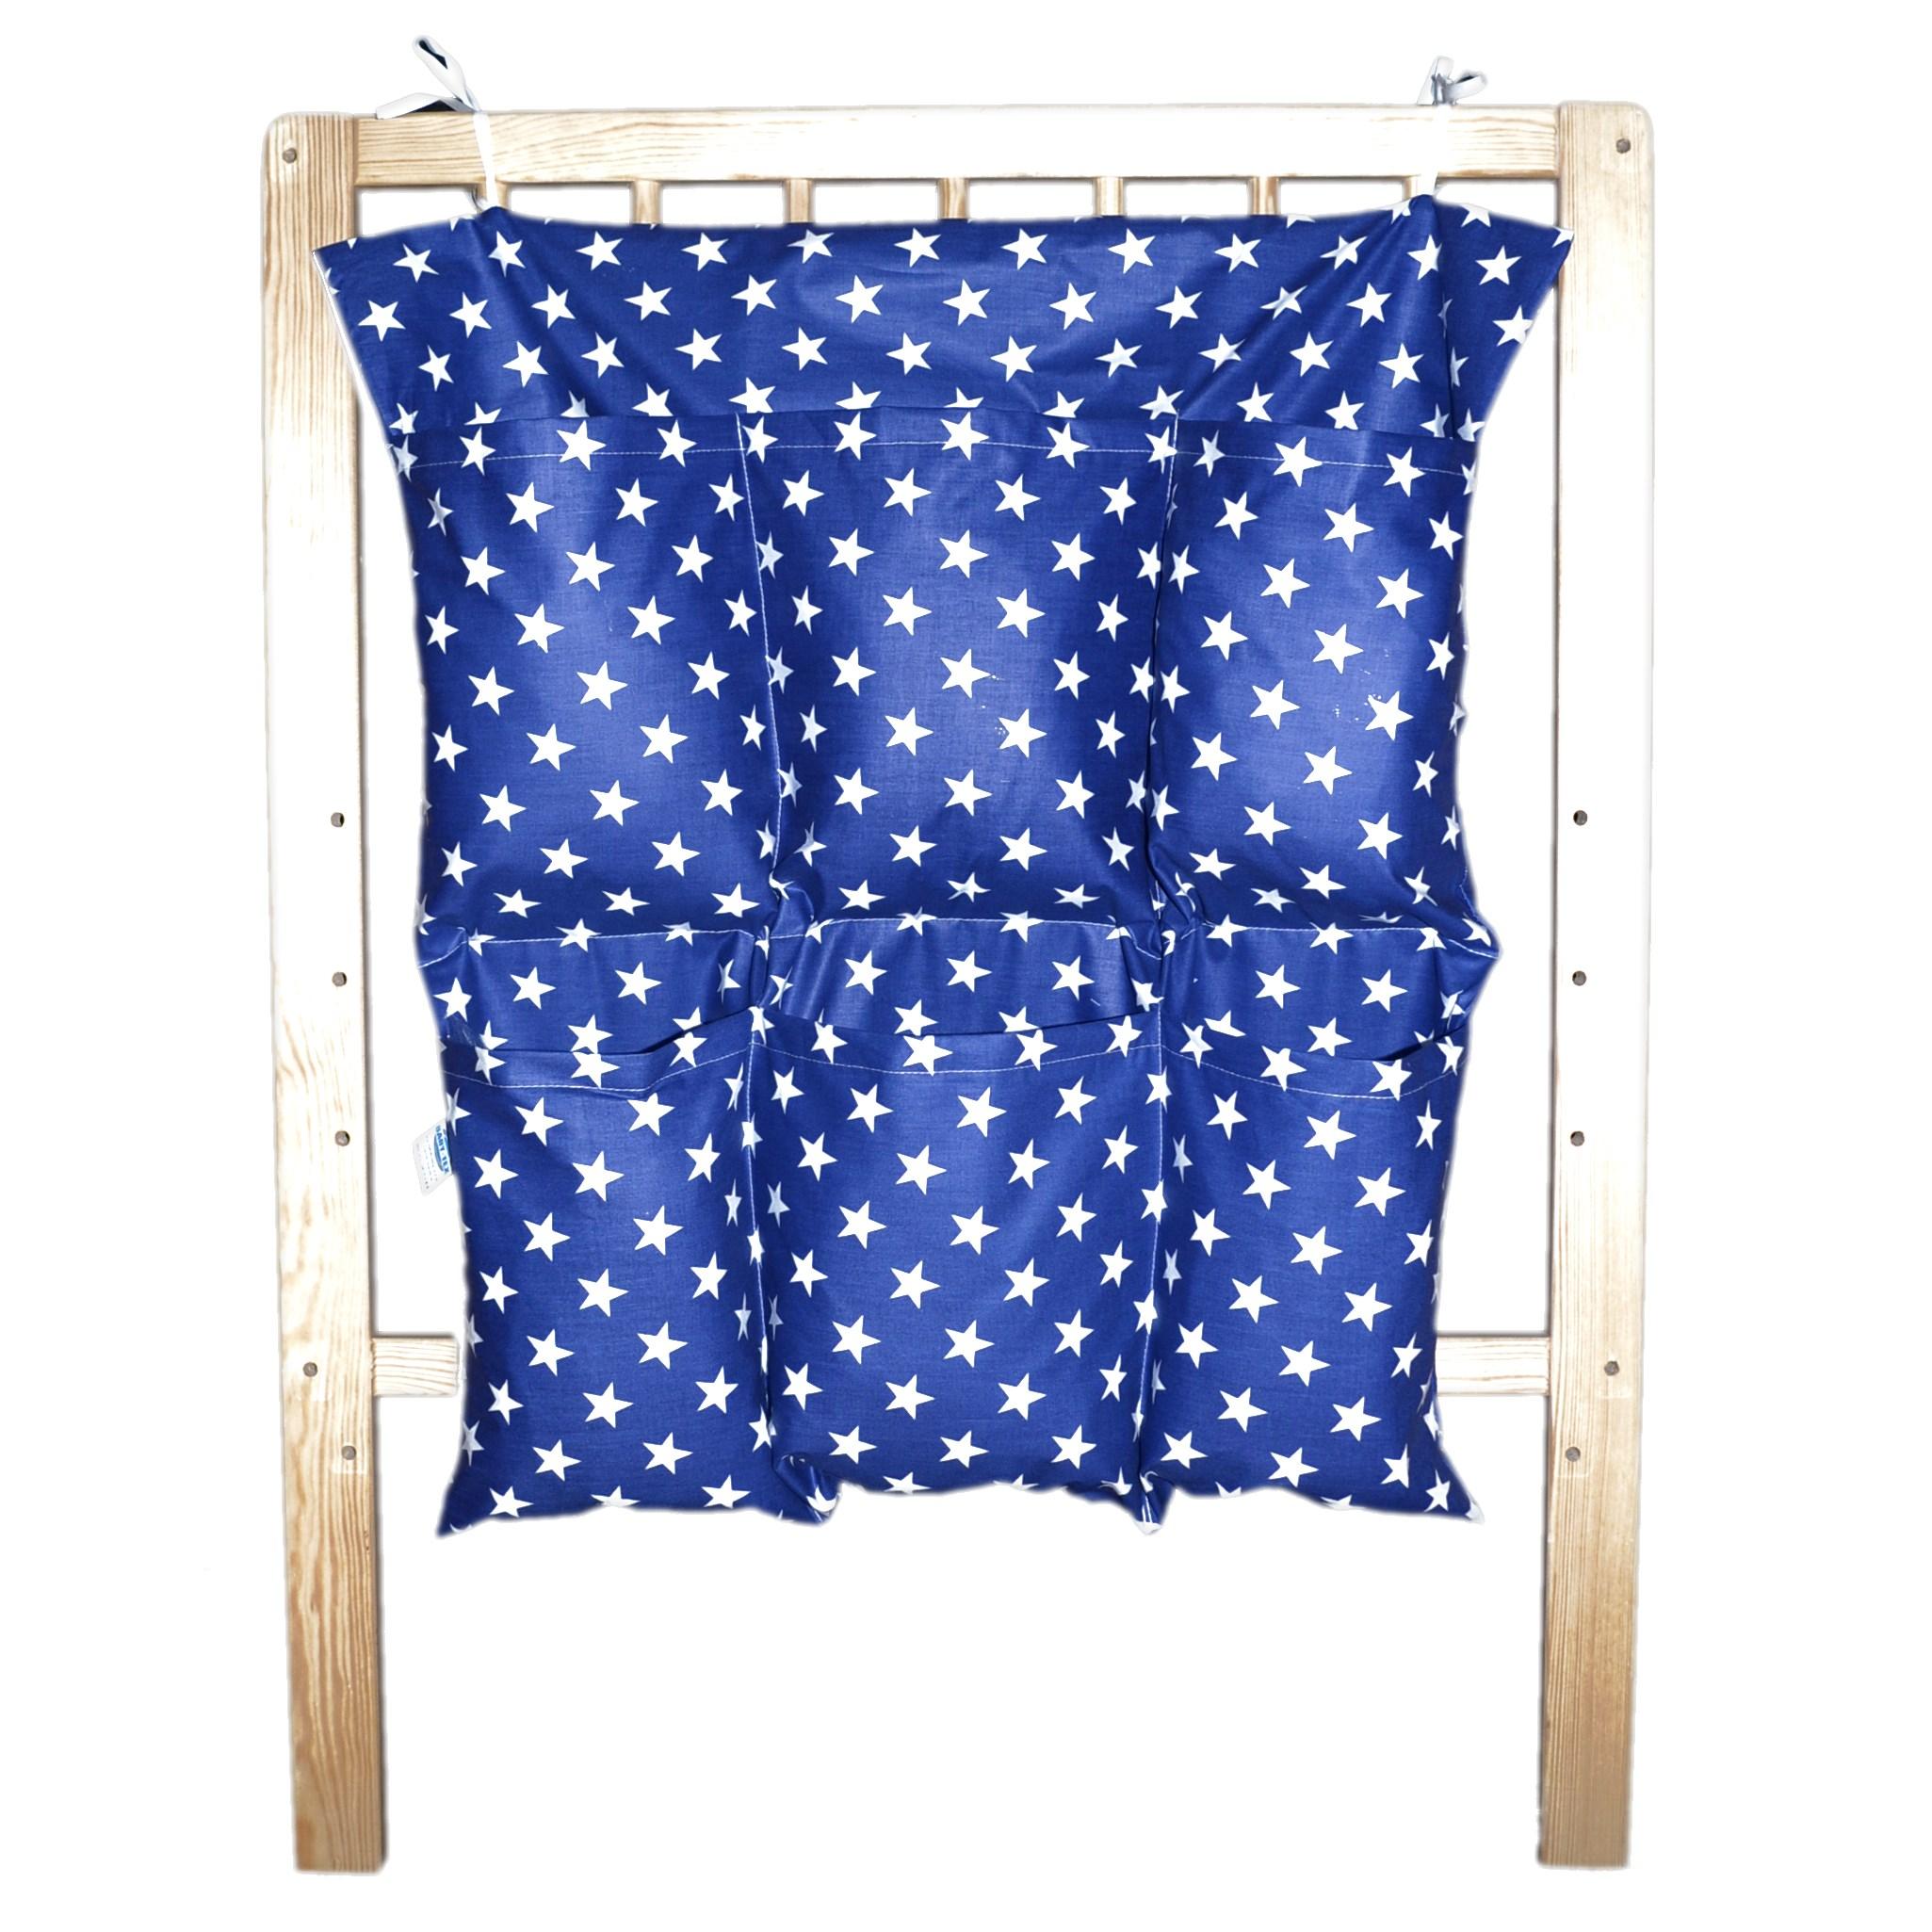 Bavlněný kapsář na postýlku - Tmavě modrý bílé hvězdičky (BB7)